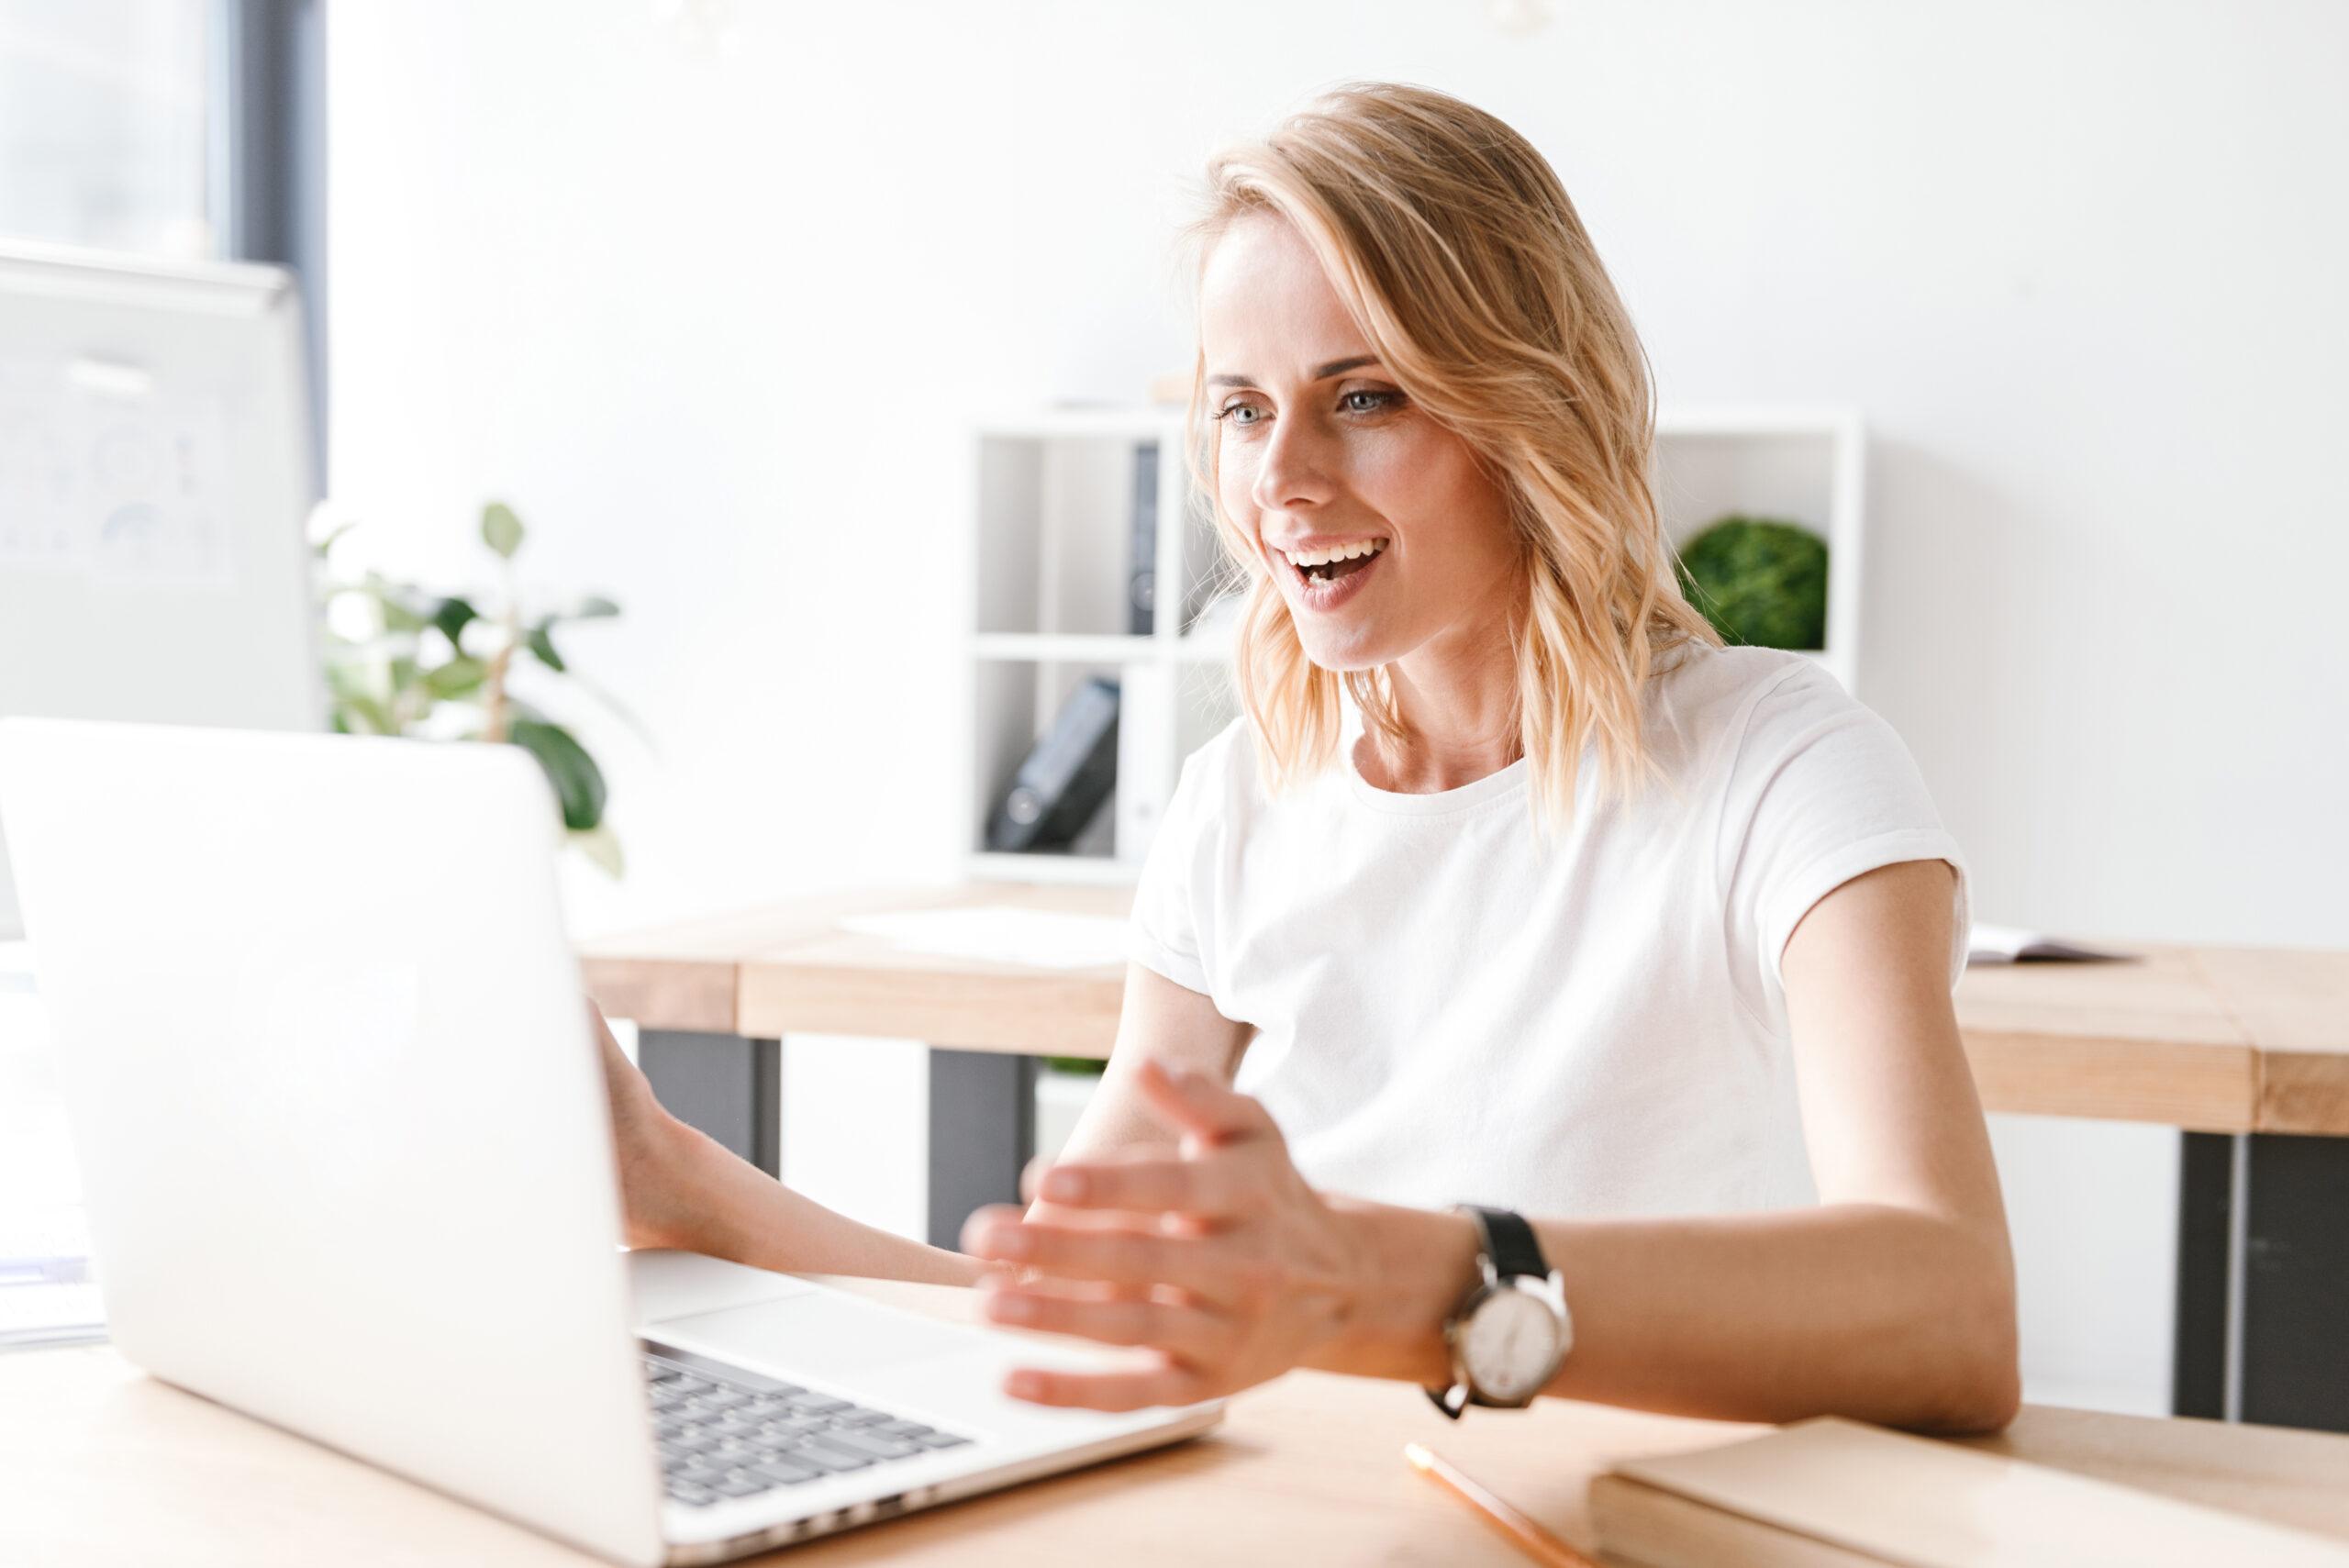 Чем так хорош переход на электронный документооборот для бизнеса и что же нужно, чтобы наконец это сделать?